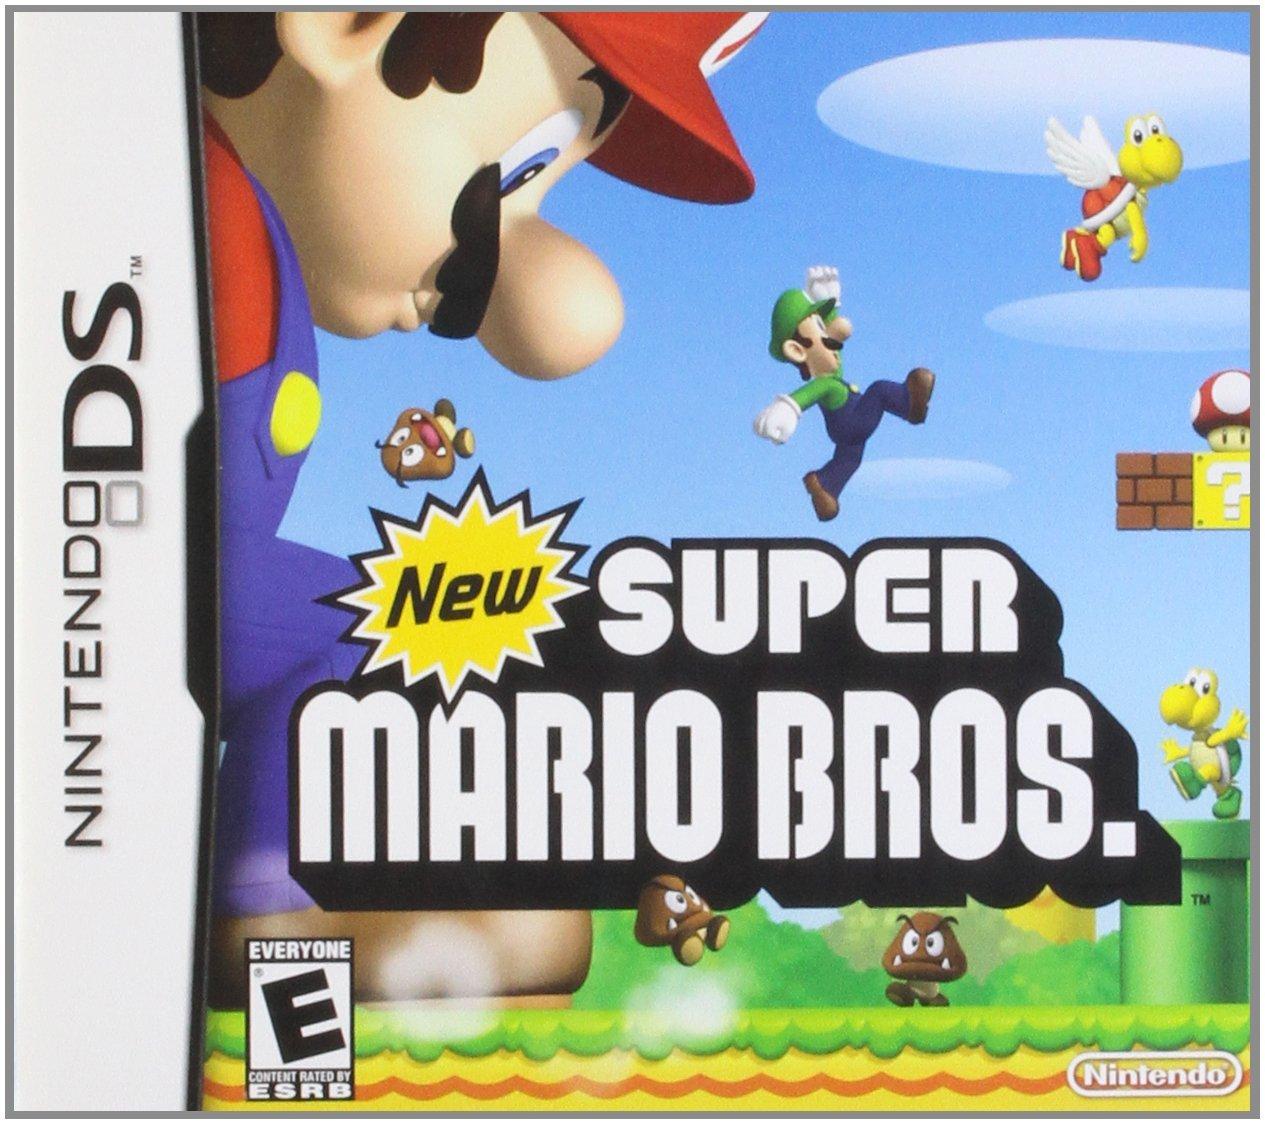 Amazon.com: New Super Mario Bros (Renewed): Video Games